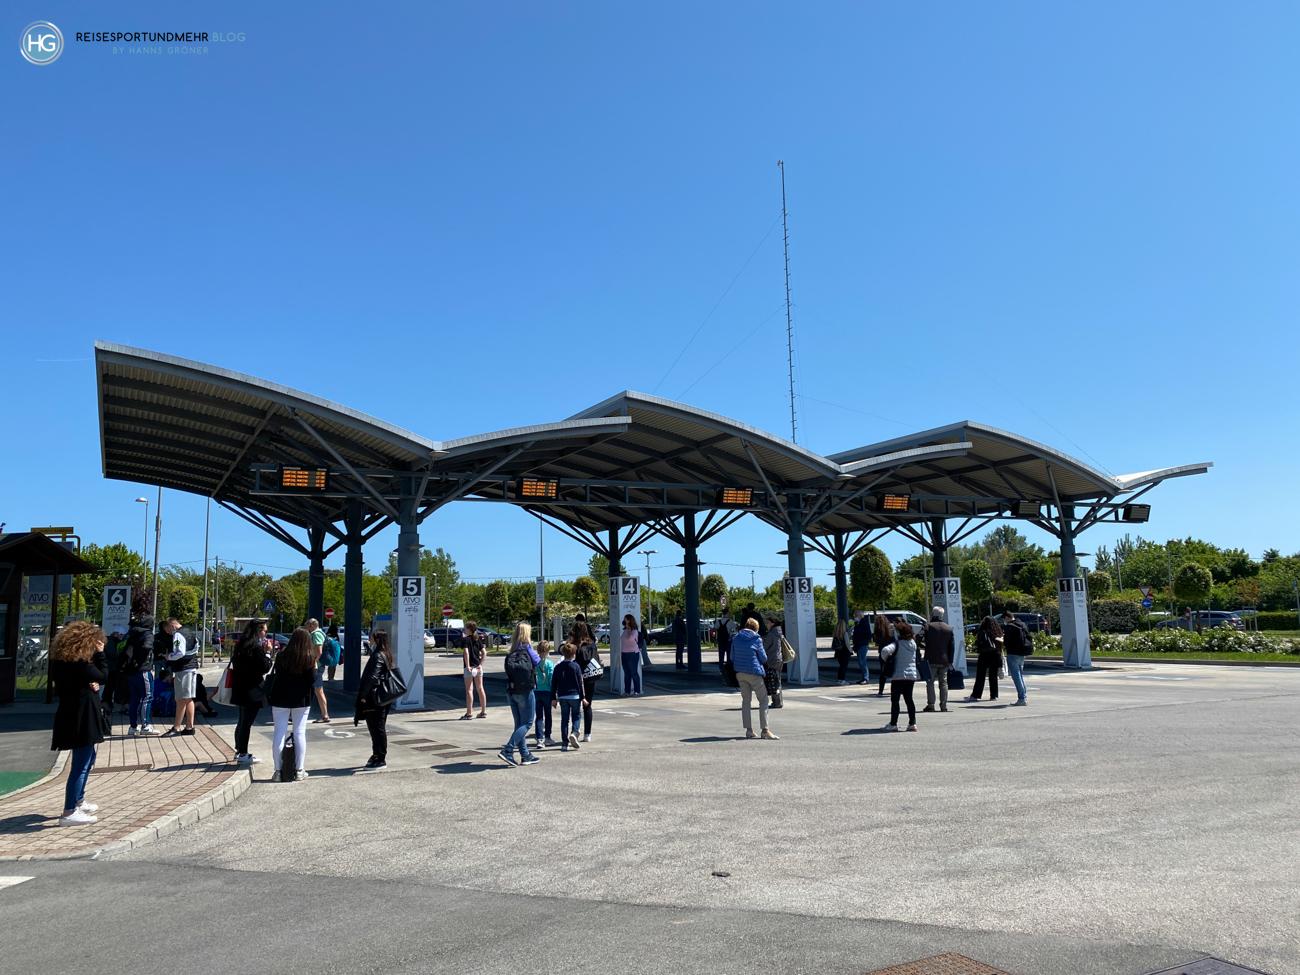 Bushaltestelle beim Schiffsanleger in Punta Sabbioni an Pfingsten 2021 (Foto: Hanns Gröner)